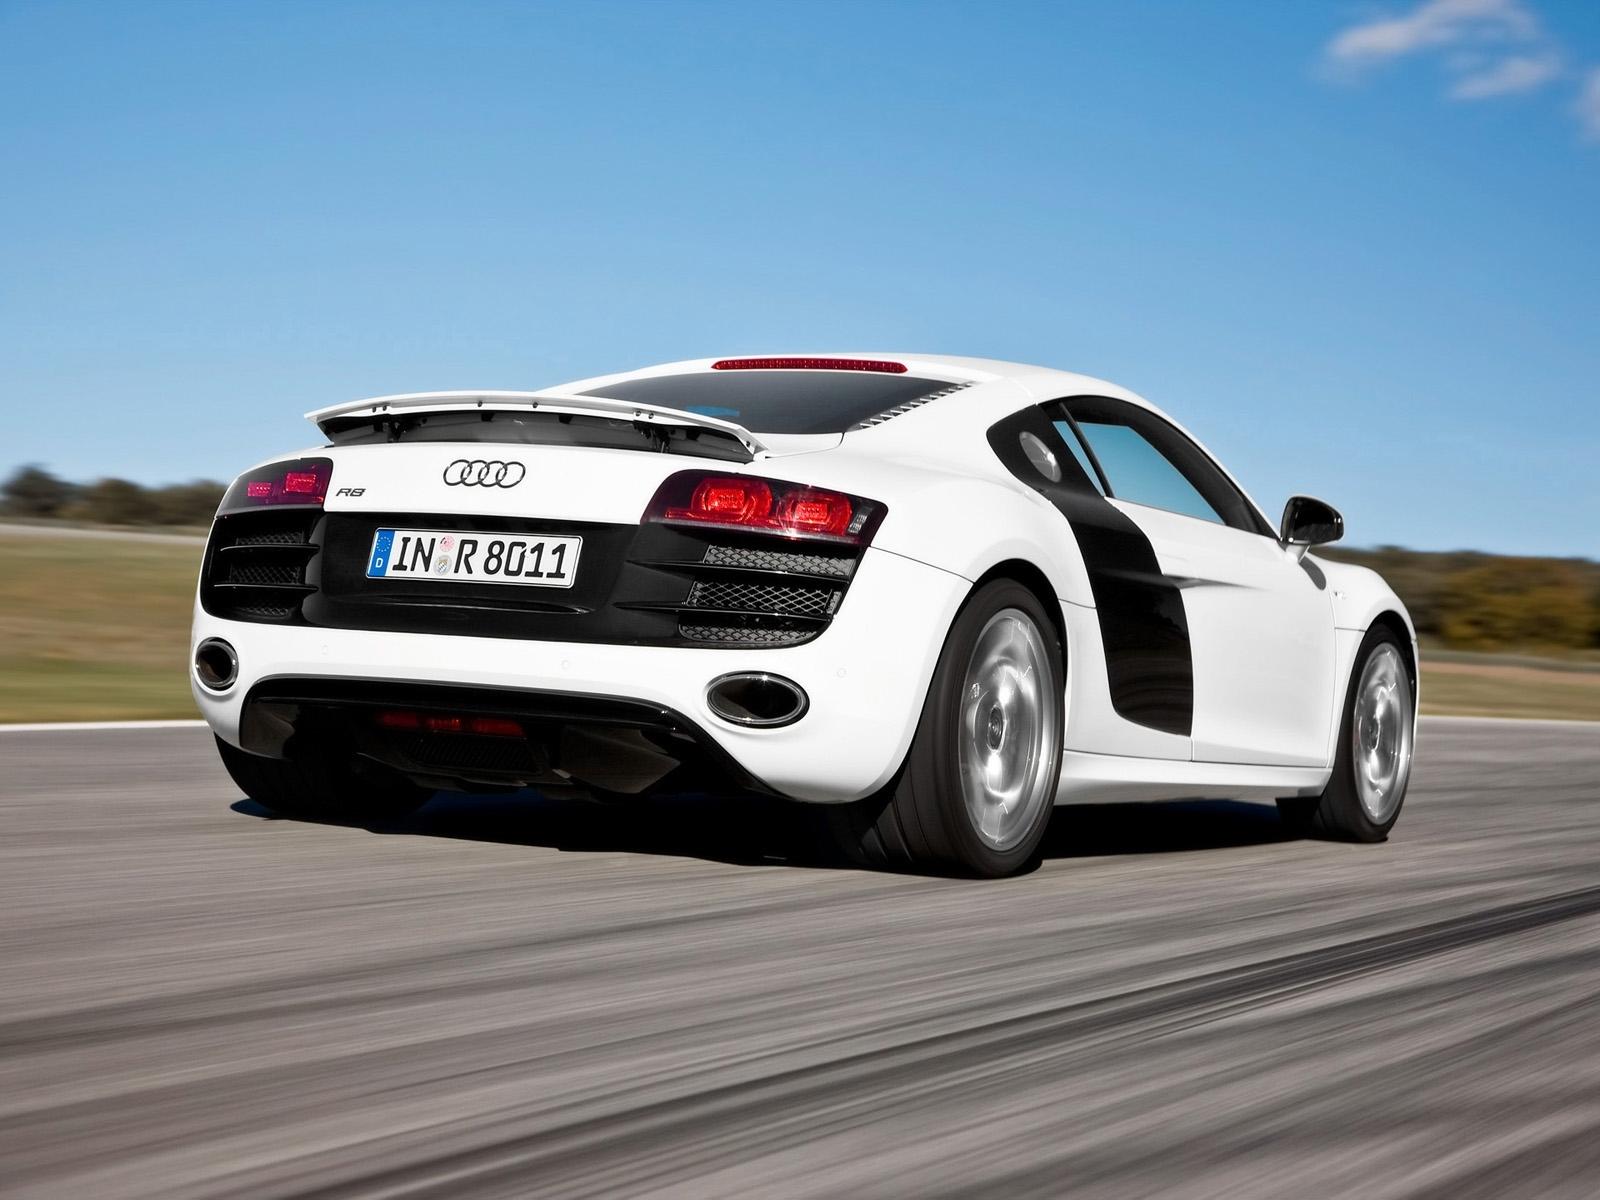 9024 скачать обои Транспорт, Машины, Ауди (Audi) - заставки и картинки бесплатно